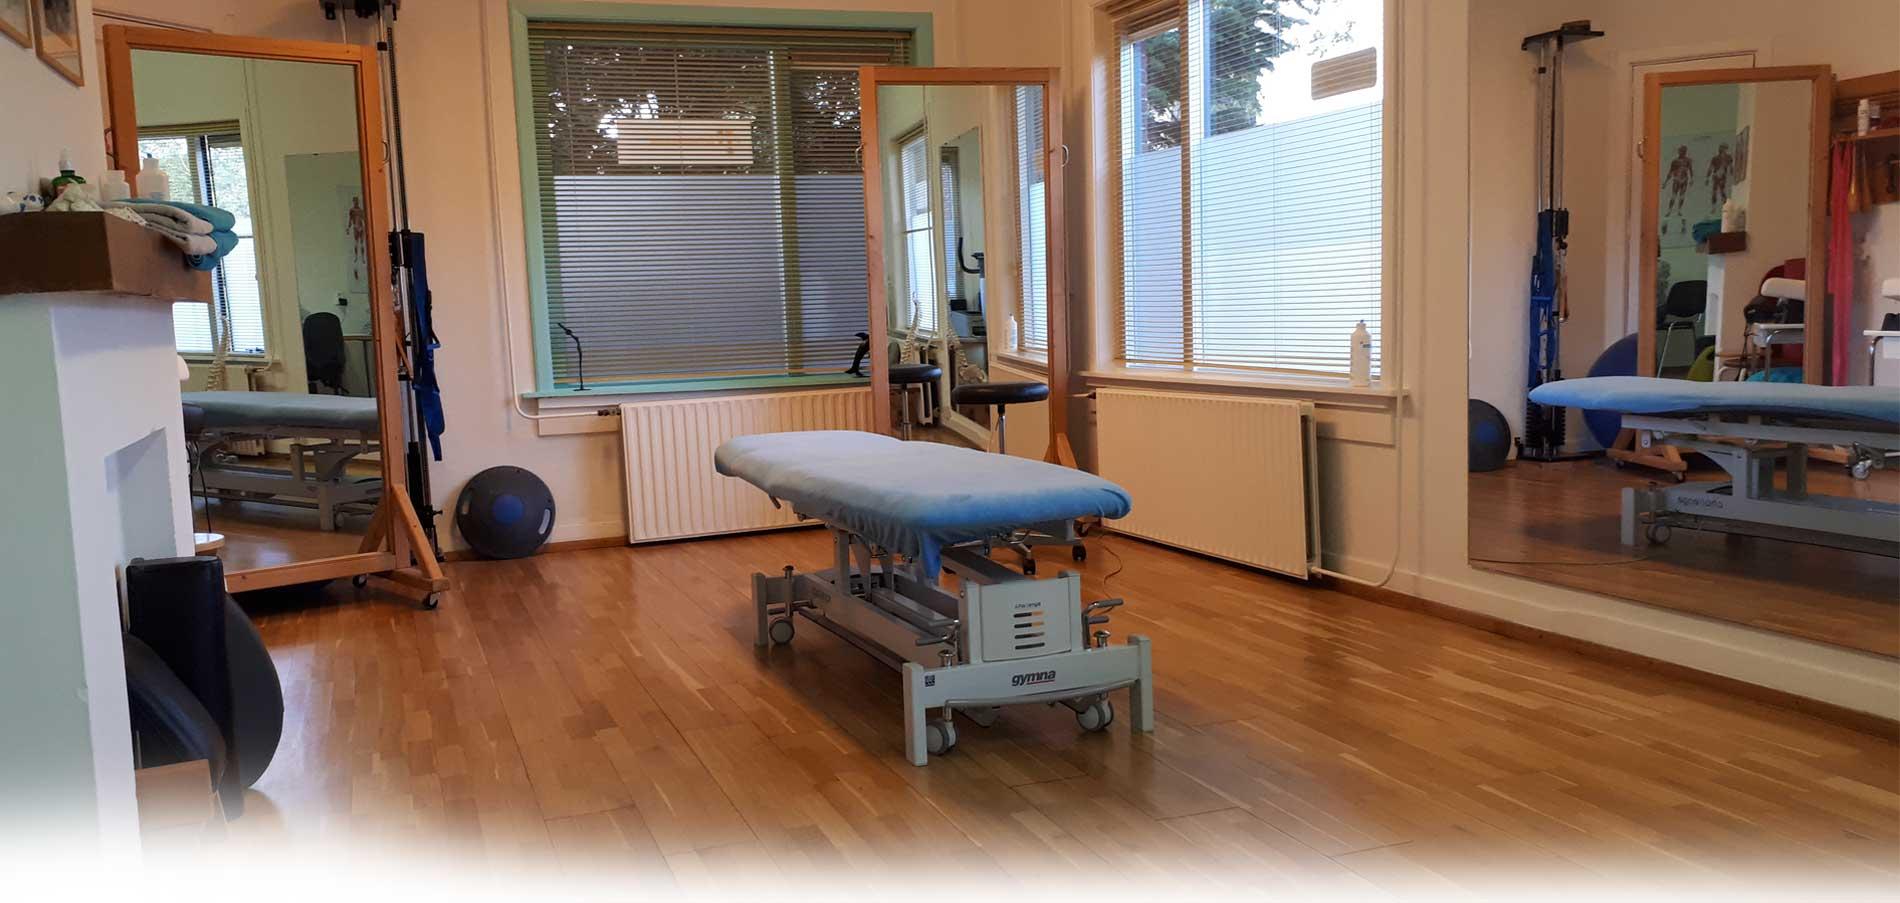 Contact met Oefentherapie Vries